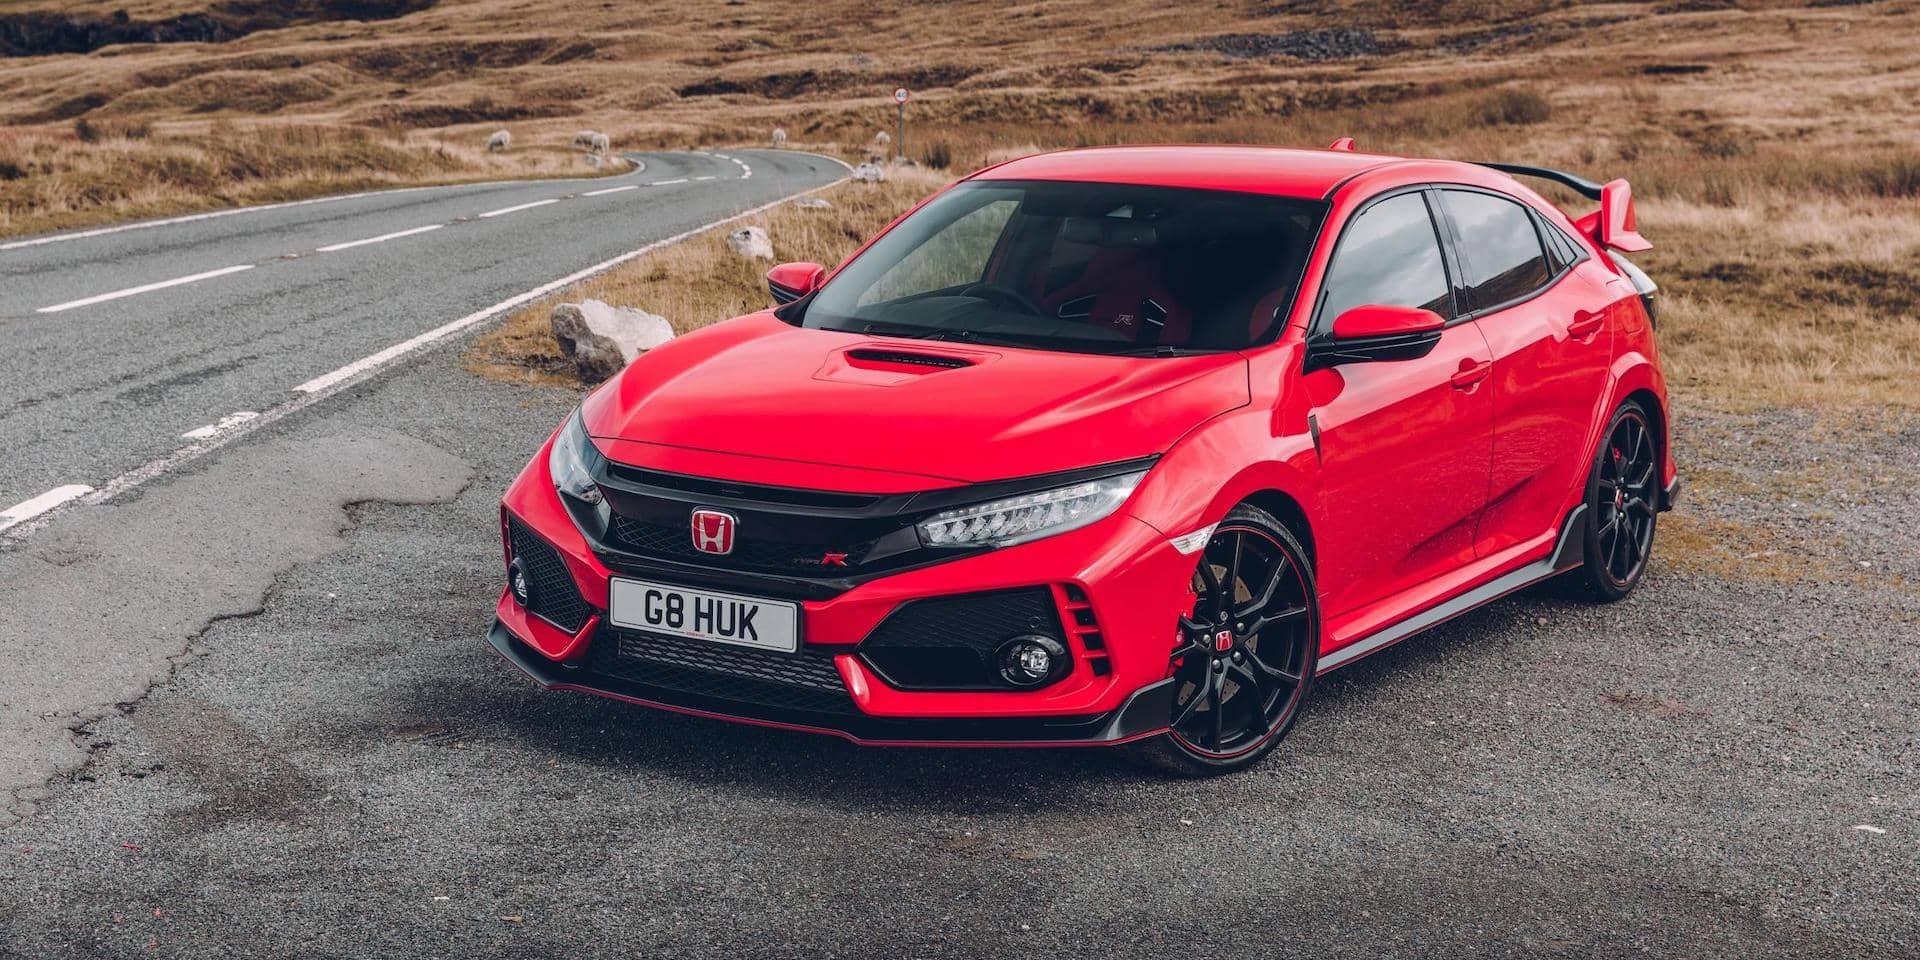 Segmenti Auto Honda Civic type r